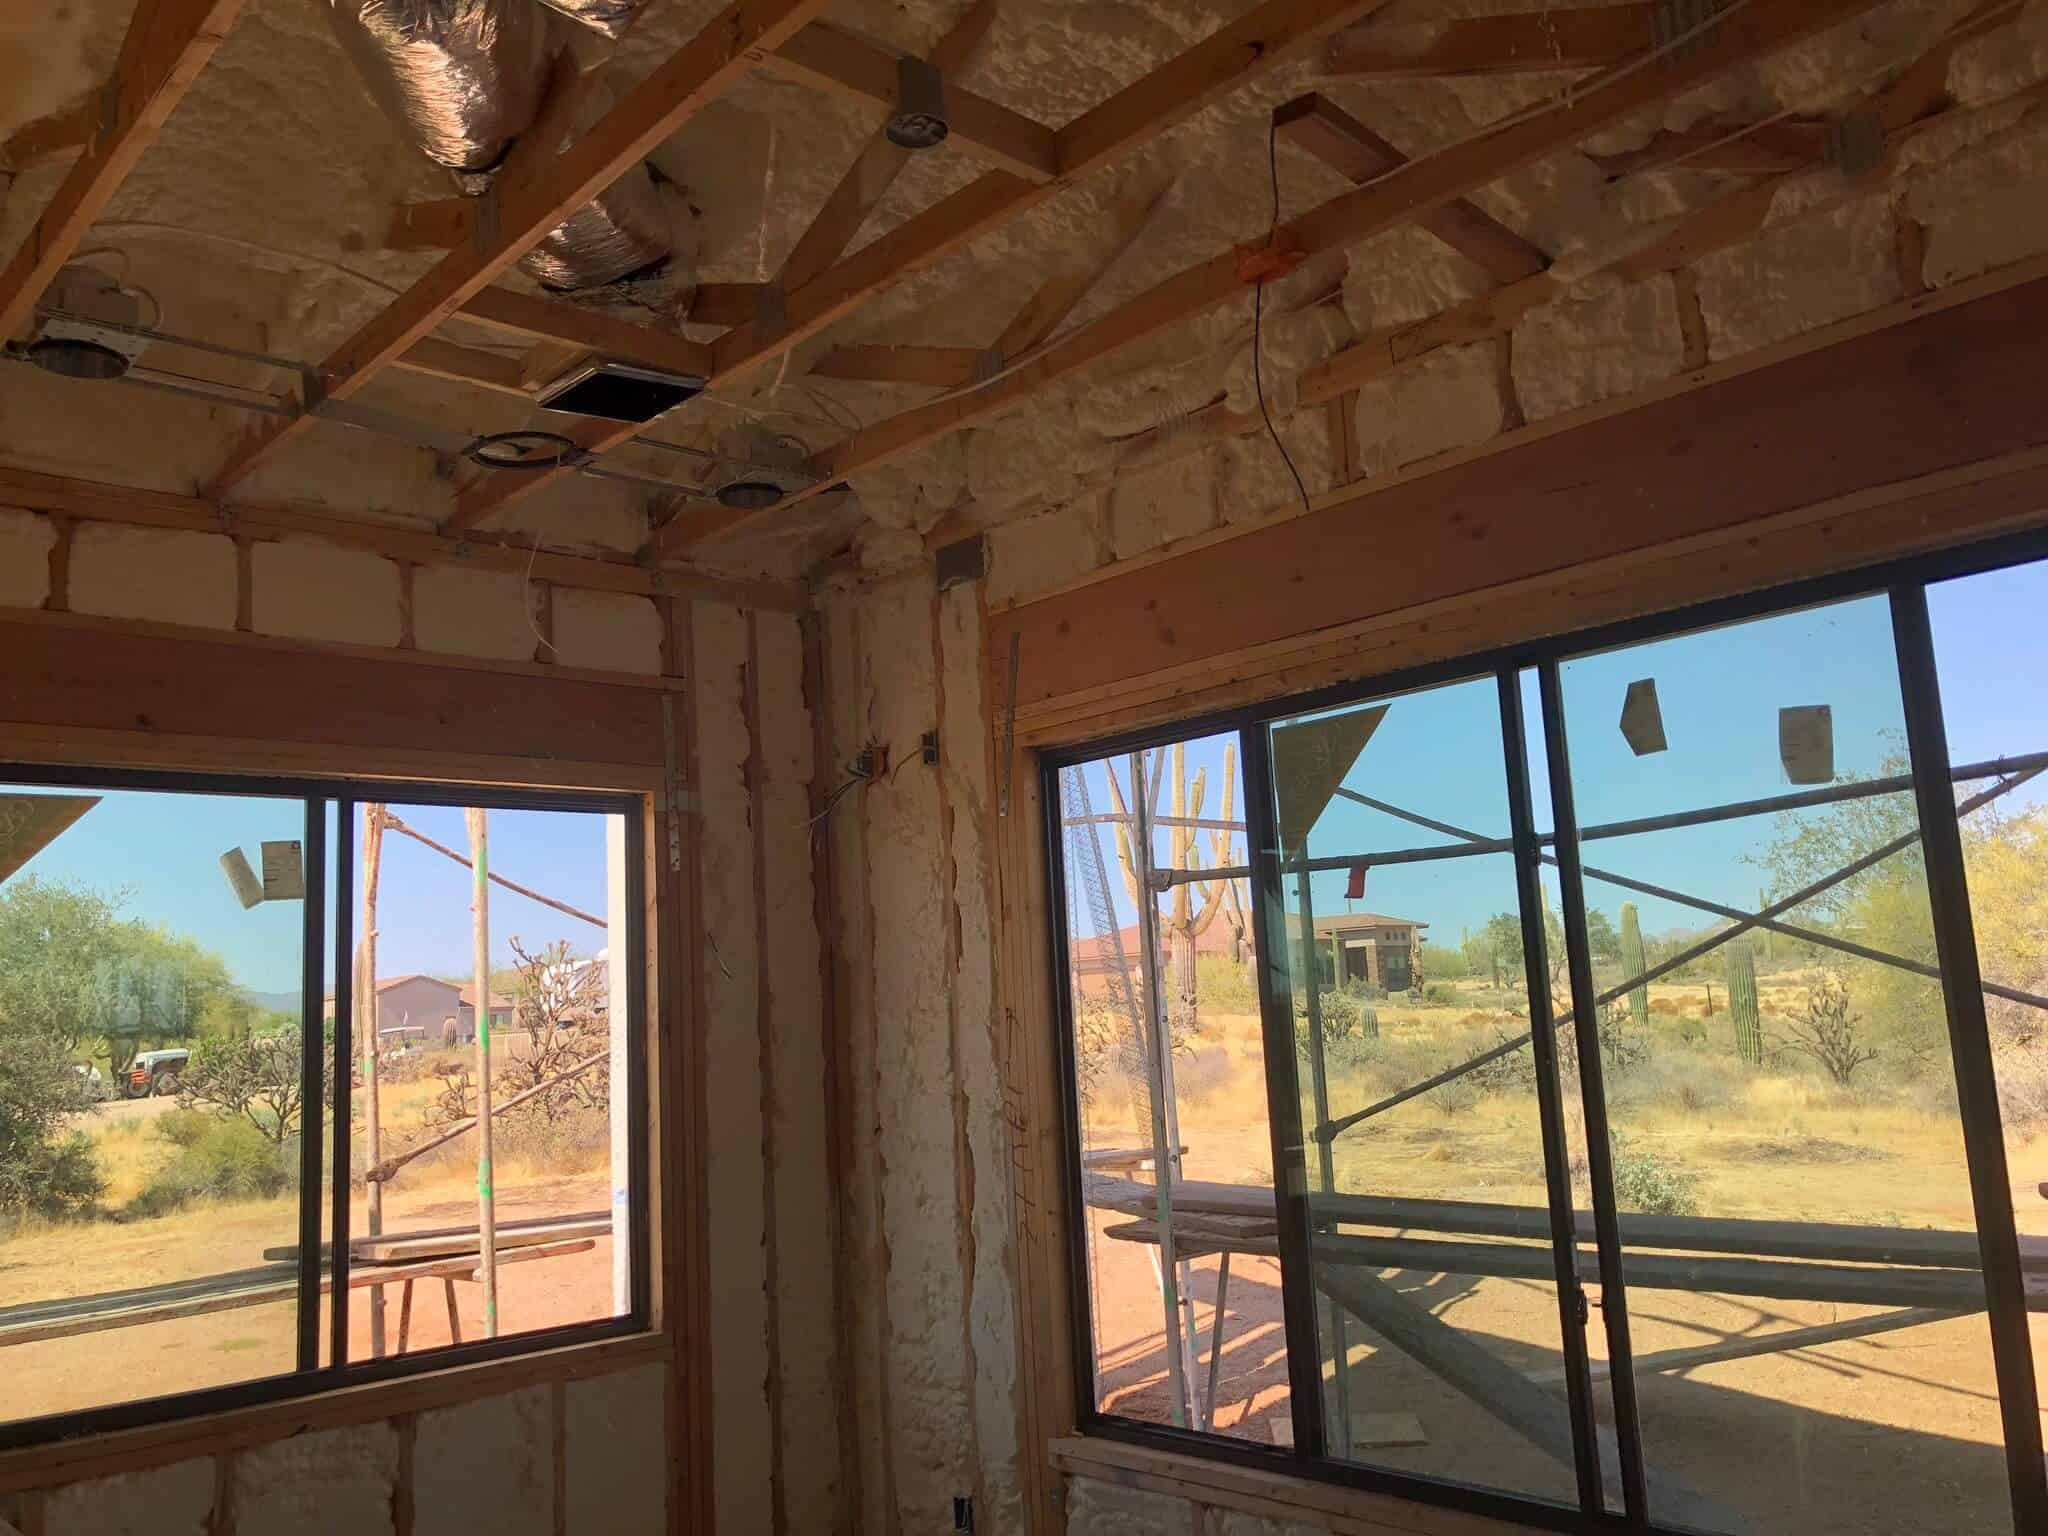 spray-foam-insulation-scottsdale-bordeaux-builders